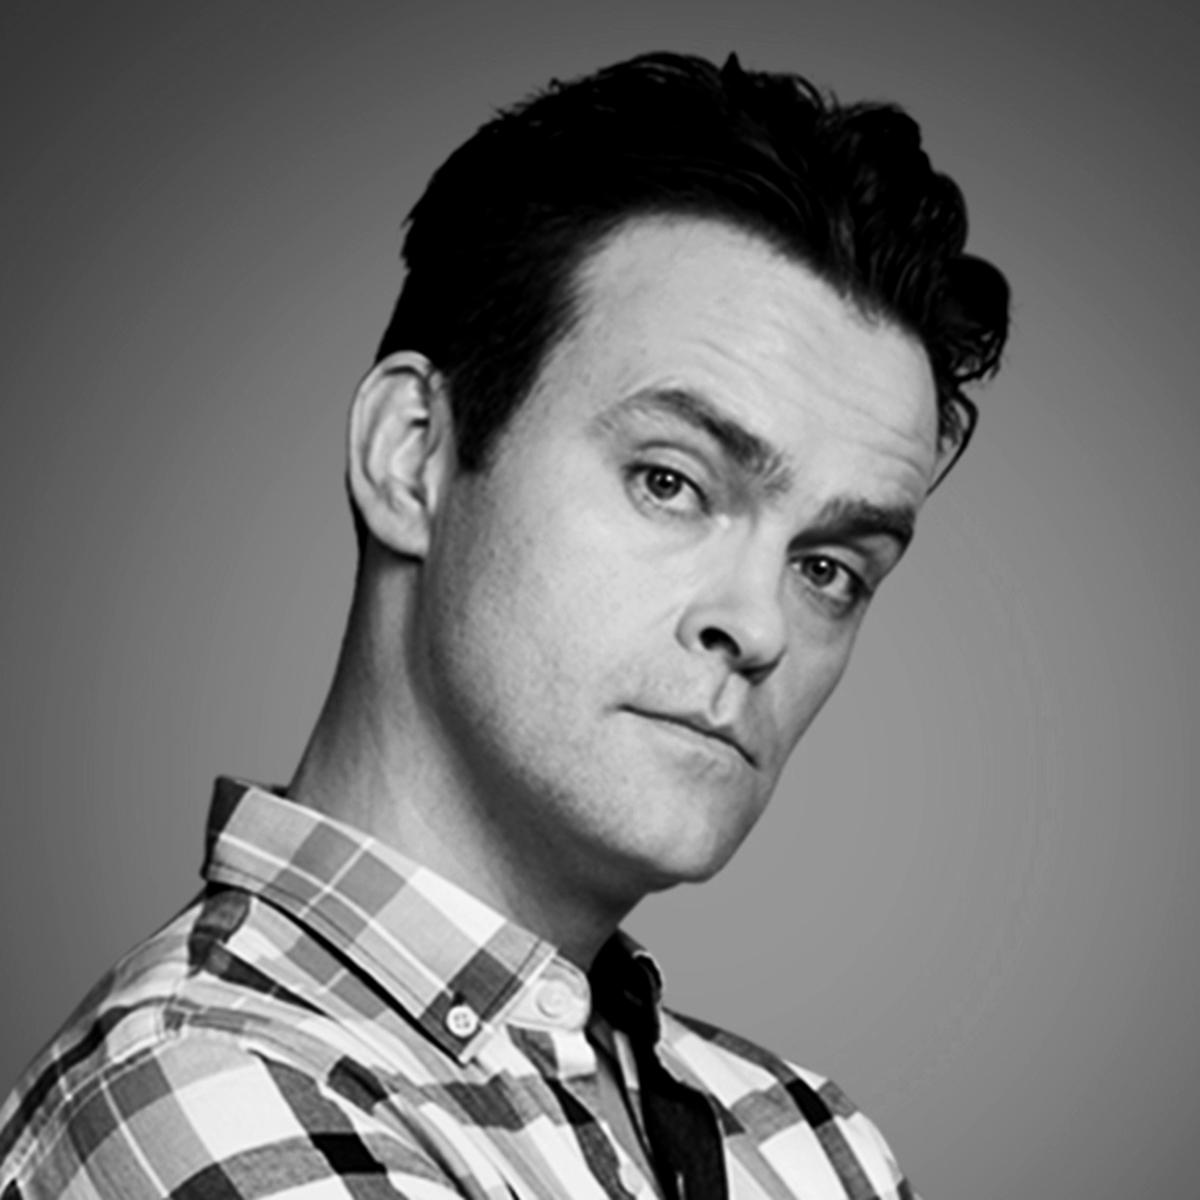 Vidar Magnussen   No. komiker og skuespiller, kjent fra blant annet Side om side.